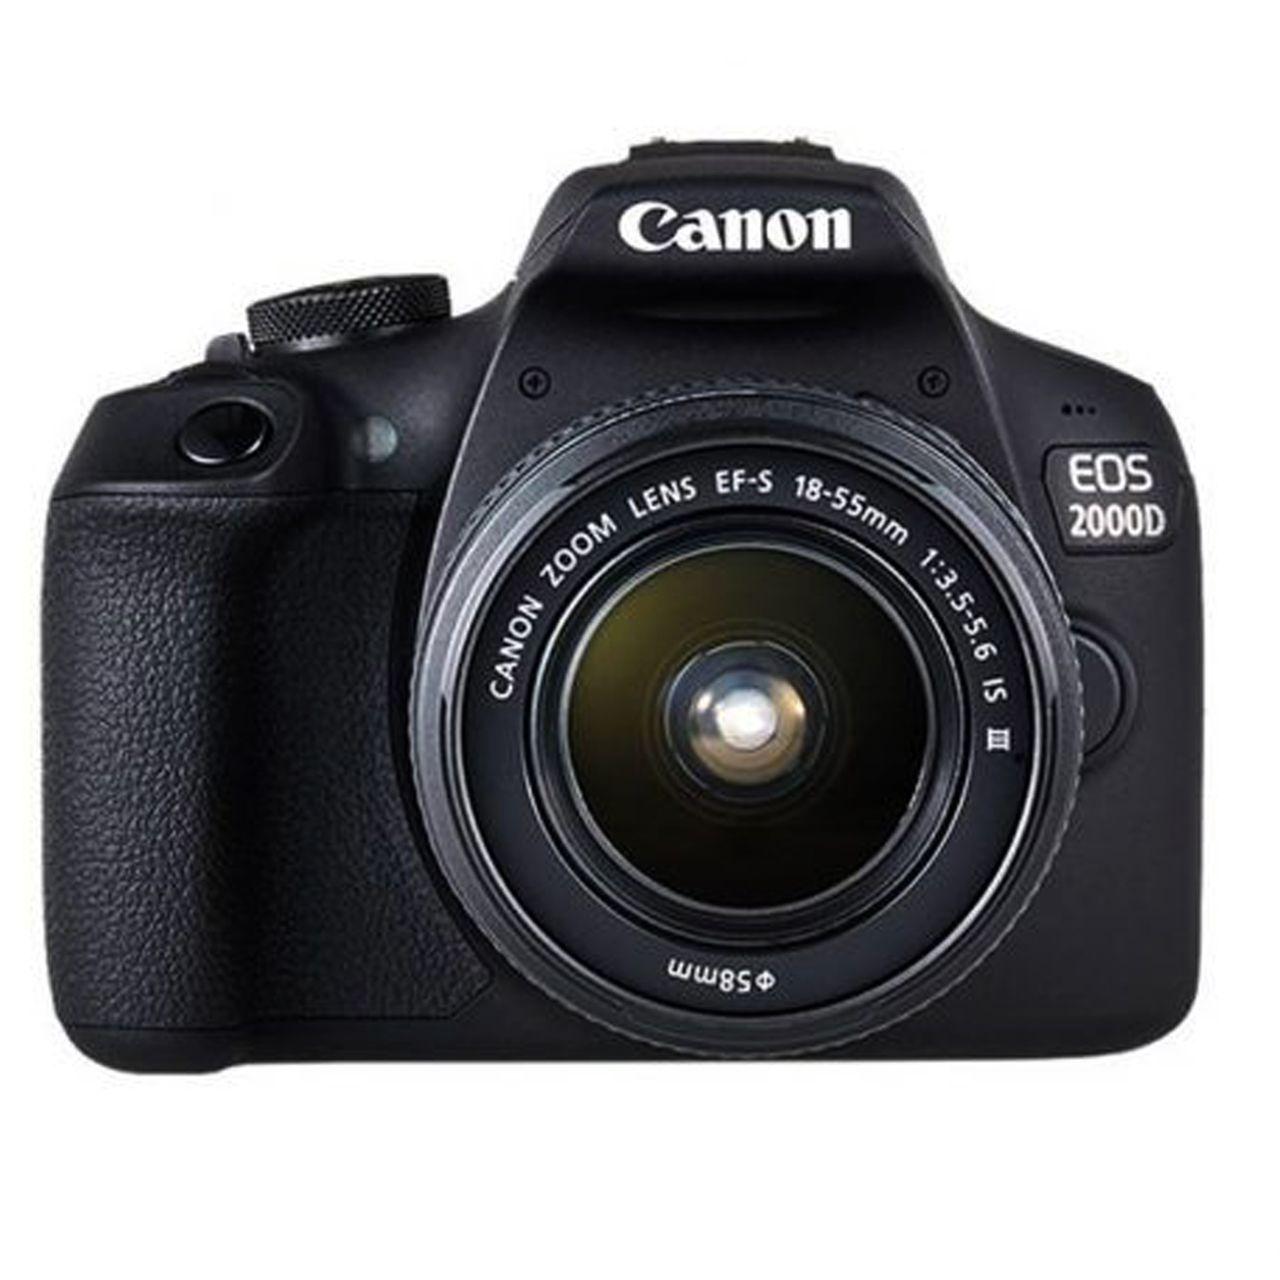 دوربین دیجیتال کانن مدل 2000D